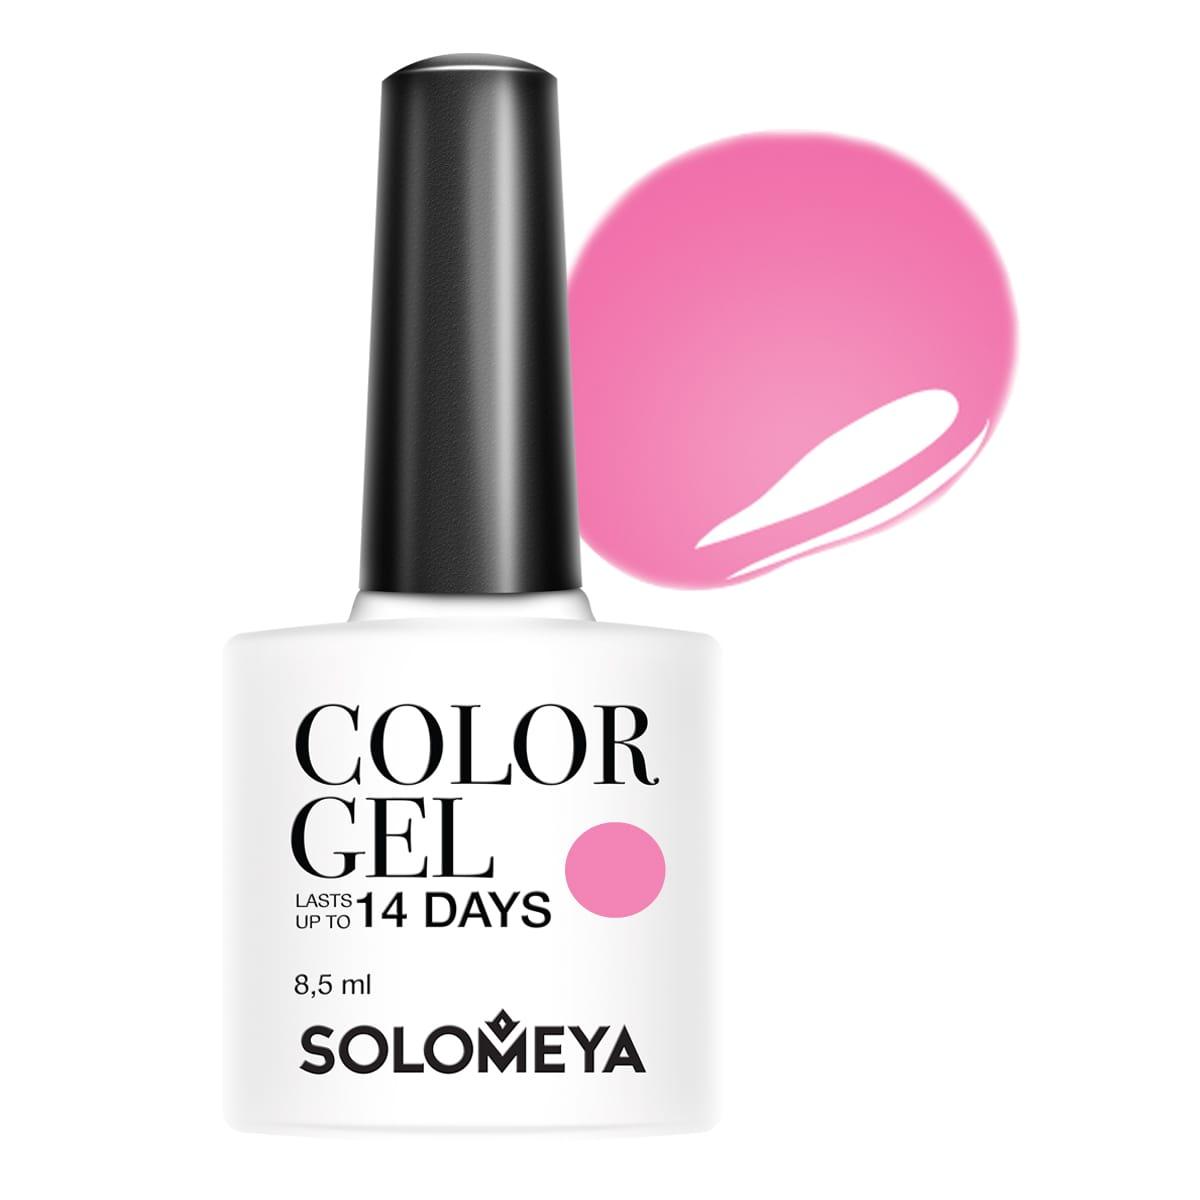 SOLOMEYA Гель-лак для ногтей SCGY013 Жгучий розовый / Color Gel Hot Pink 8,5мл